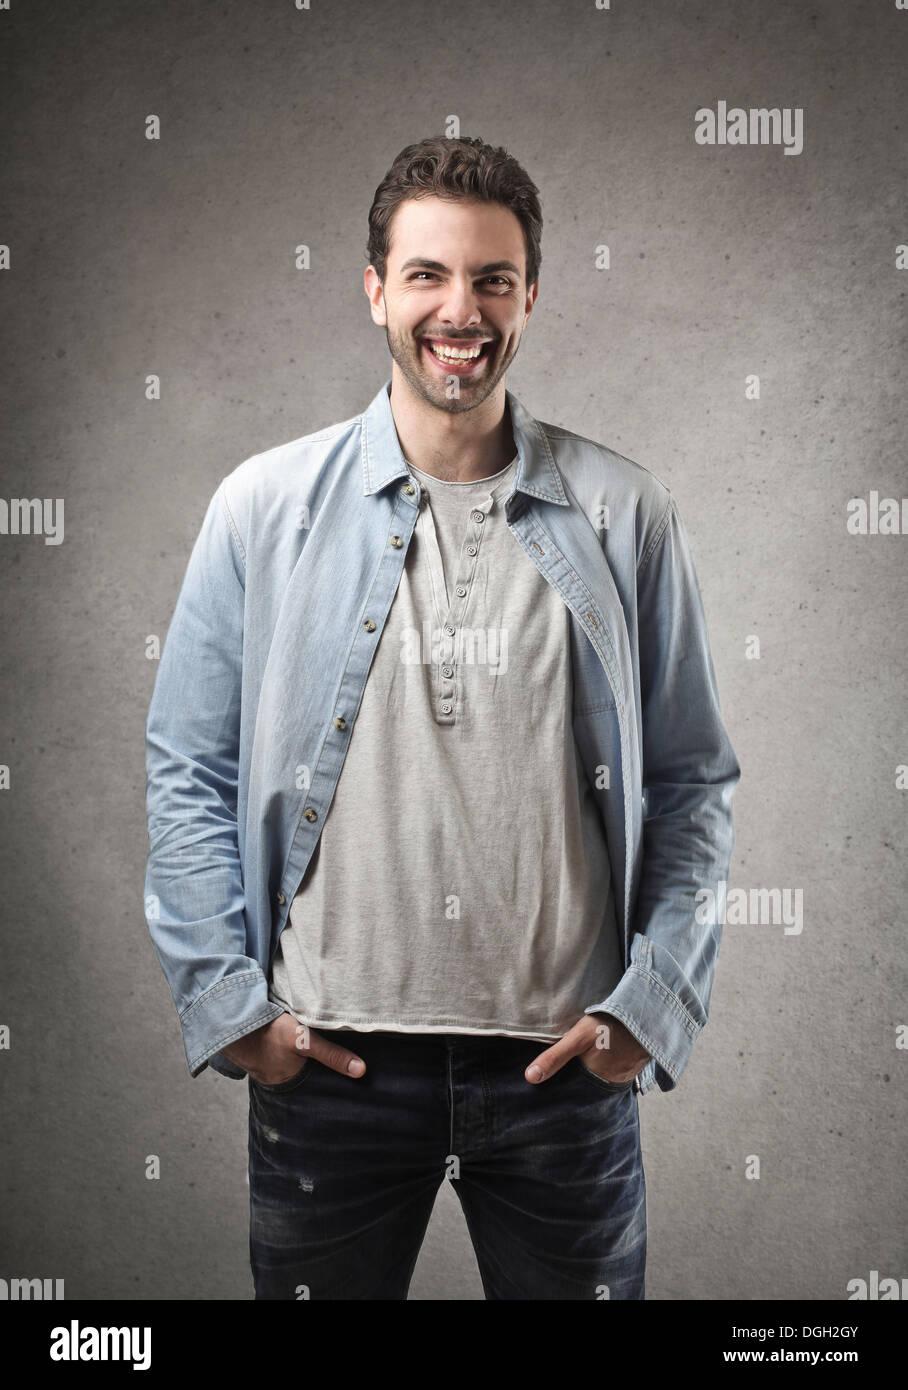 Retrato de un hombre sonriente Imagen De Stock